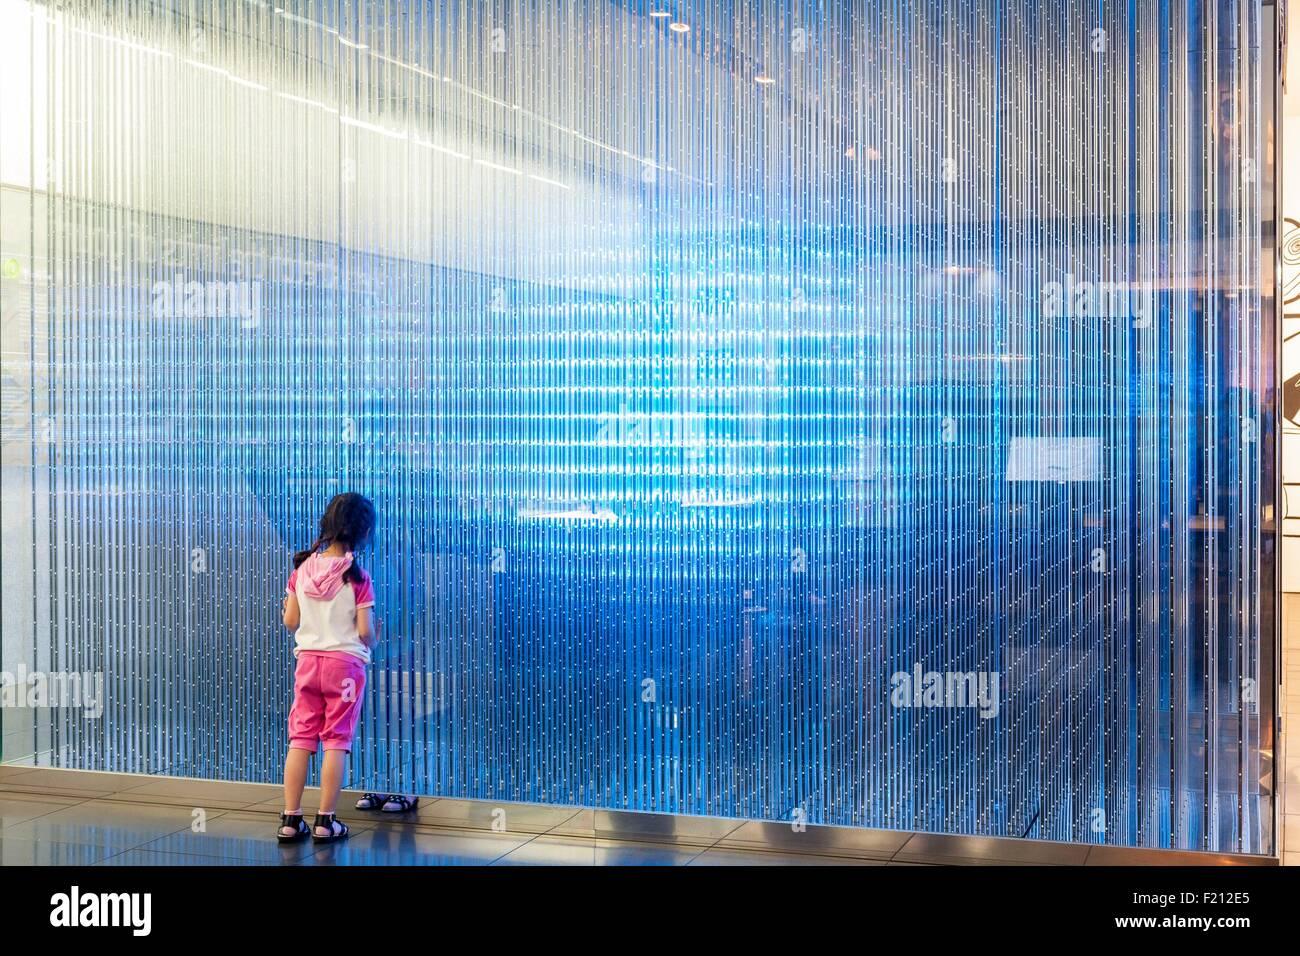 Corea del Sur, Seúl, Seocho-gu, Samsung Iight, showroom de la marca coreana Samsung Imagen De Stock